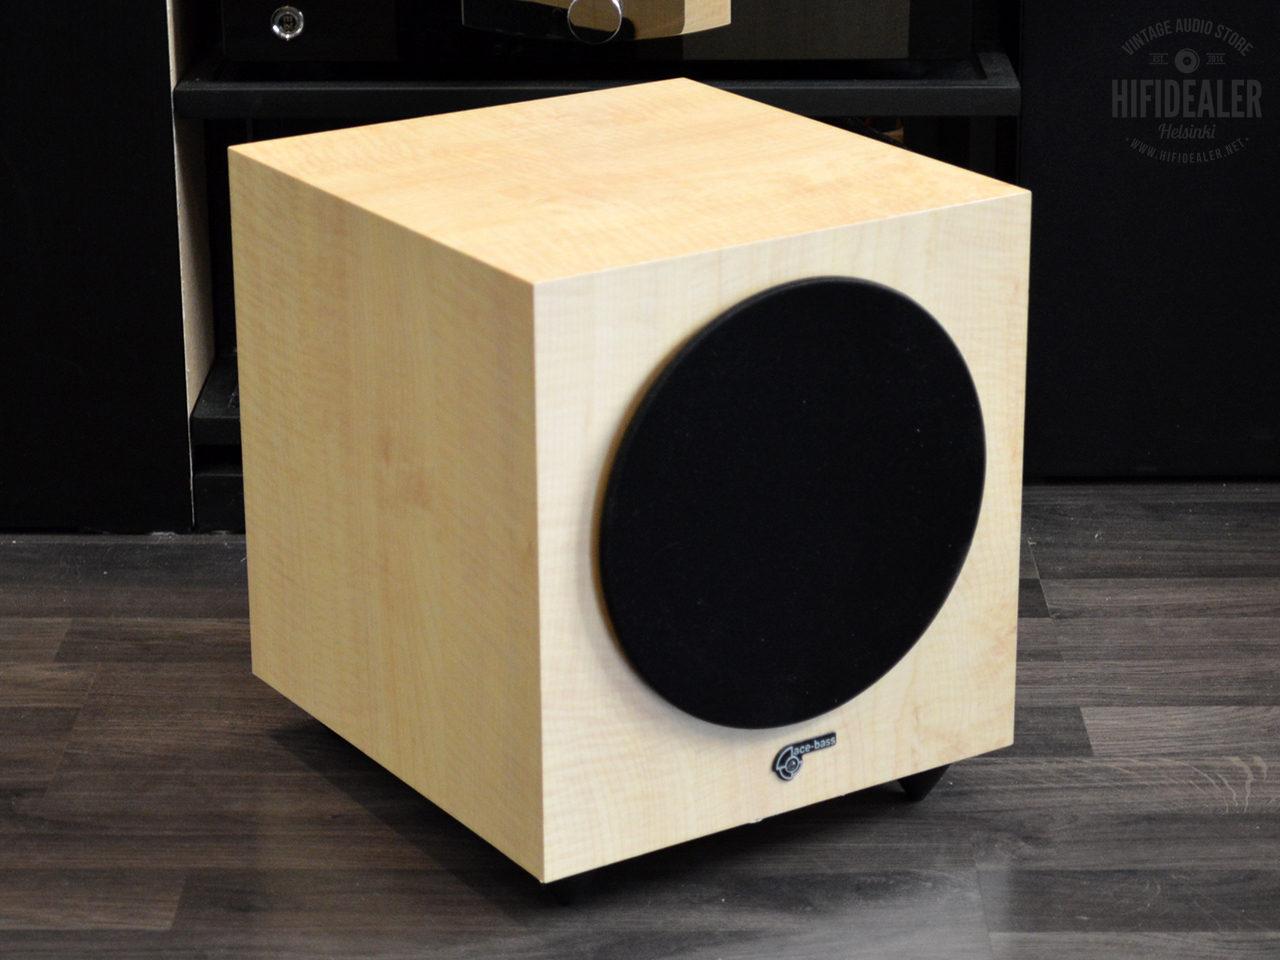 audio-pro-subbari